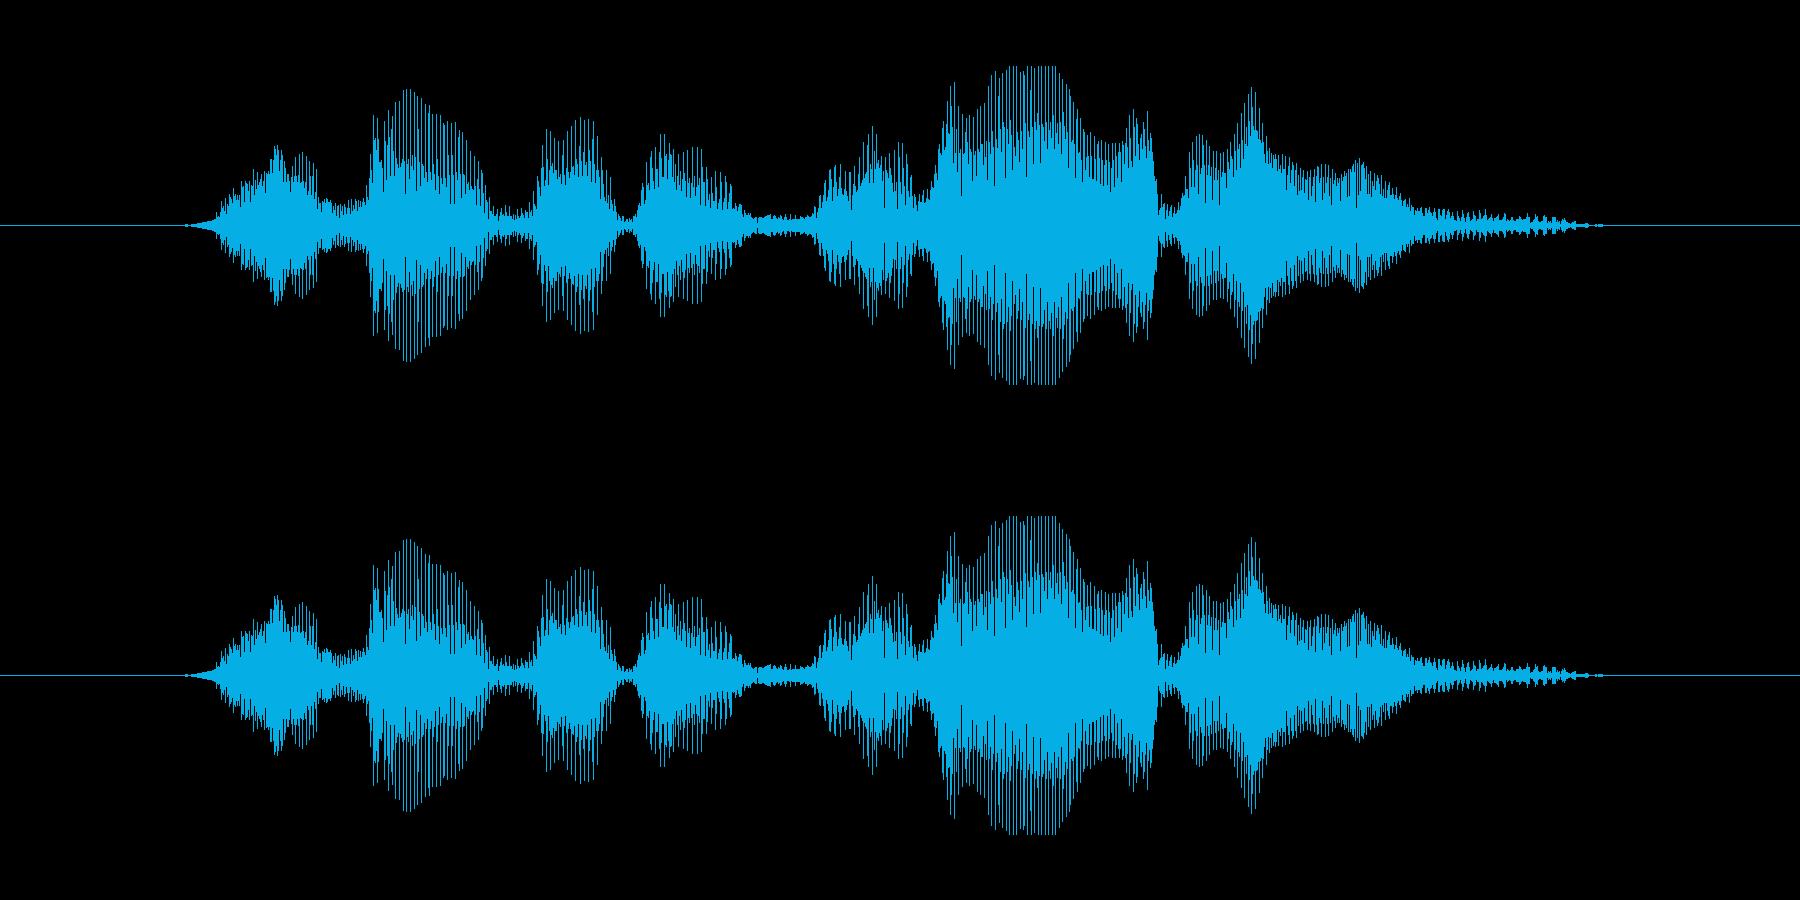 8 今なら貰える DJ風の再生済みの波形